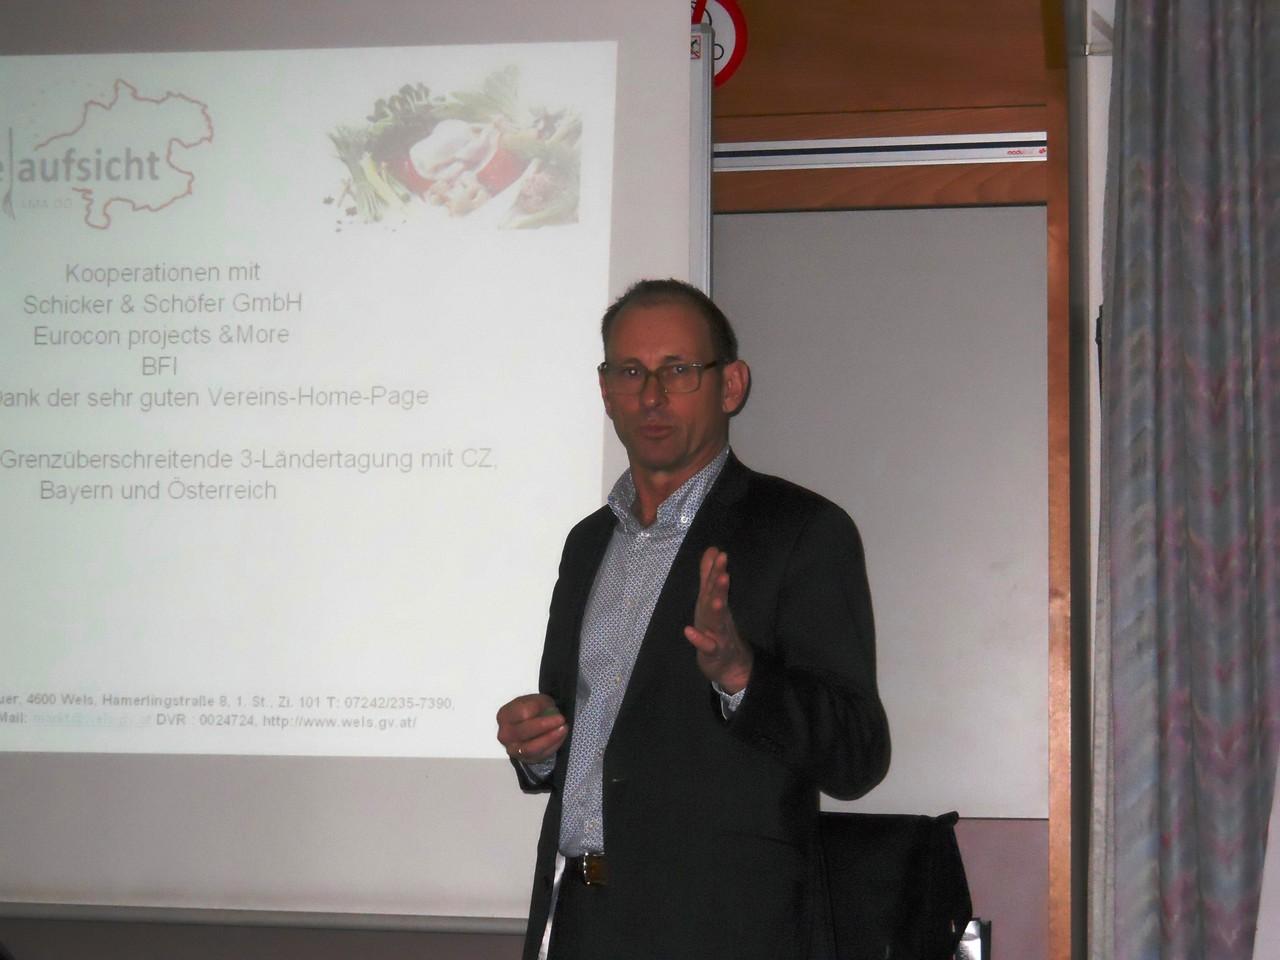 Koll. Brunnbauer/Schriftführer berichtet über die Aktivitäten des Vereins